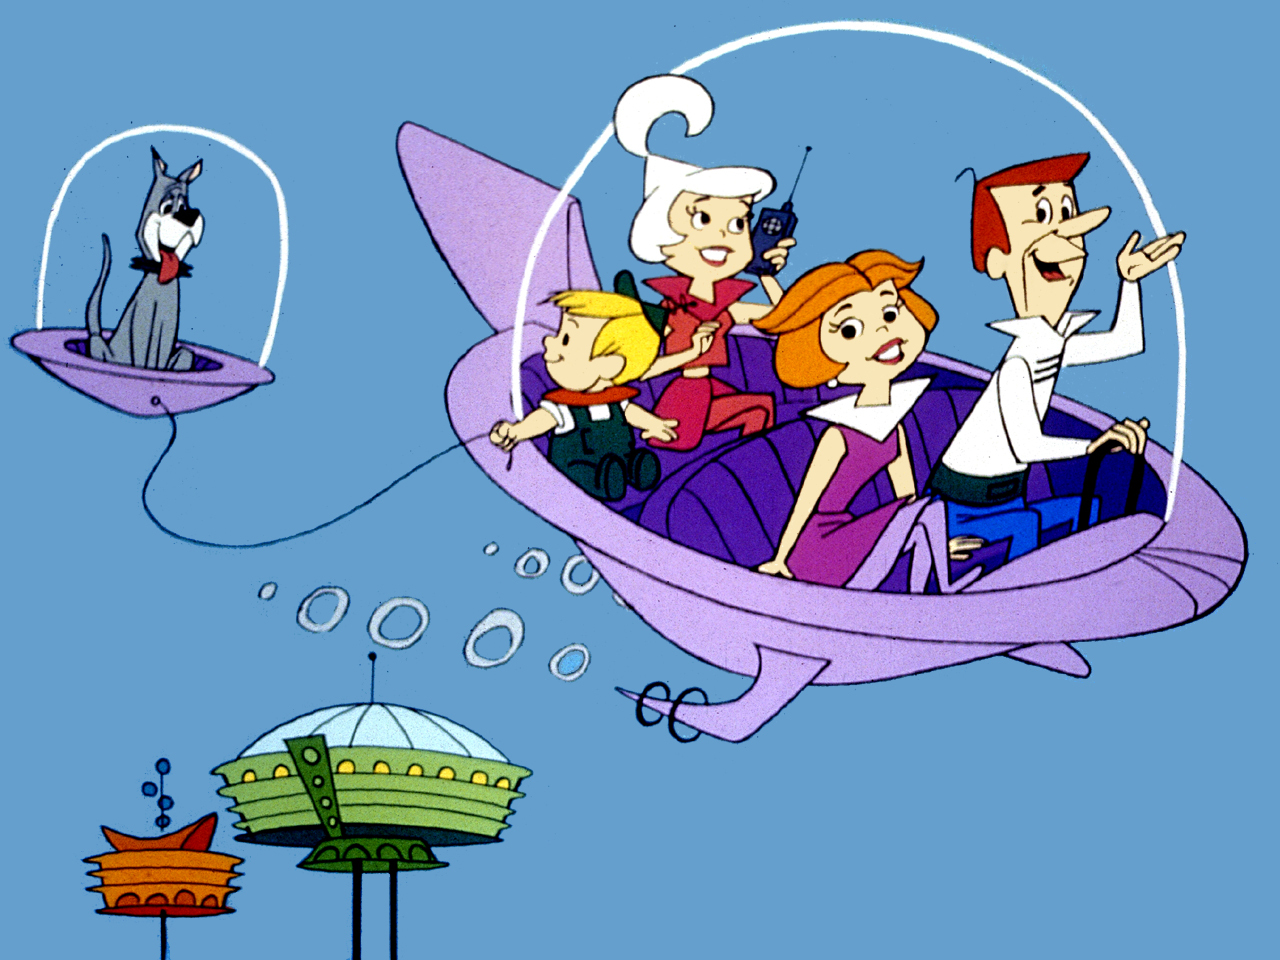 Na série de TV Os Jetsons, objetos cuidavam automaticamente de tarefas diárias.